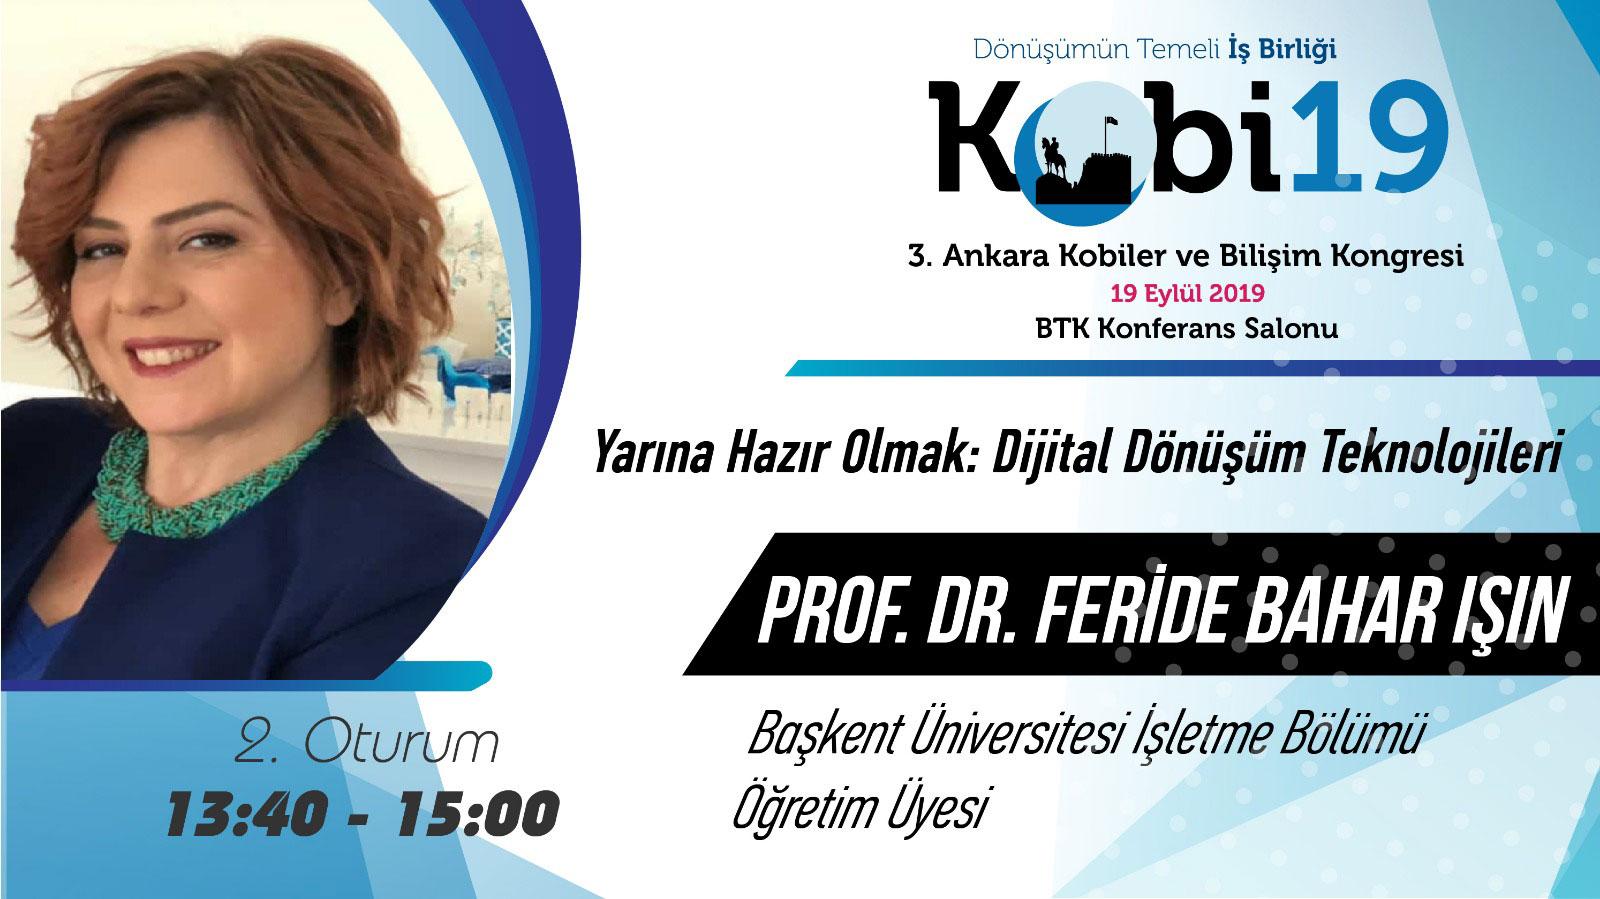 Feride Bahar IŞIN - 3. Ankara Kobiler ve Bilişim Kongresi 2019